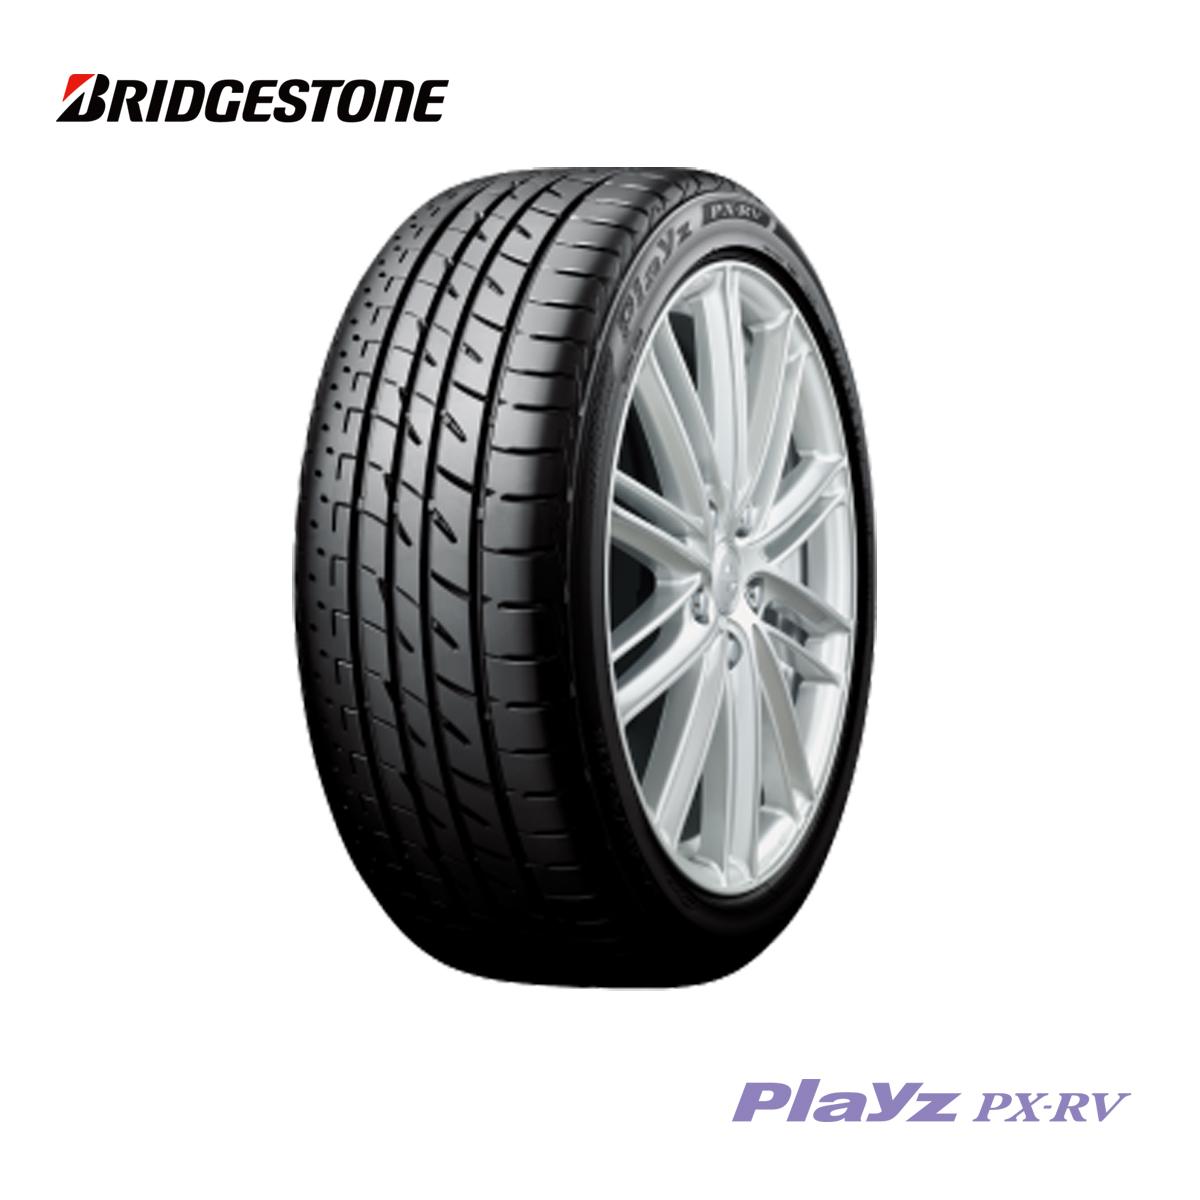 ブリヂストン BS 18インチ タイヤ 235/55R18 235 55 18 100V プレイズ サマー タイヤ 1本 100V 低燃費 エコ 夏 ミニバン BRIDGESTONE Playz PX-RV